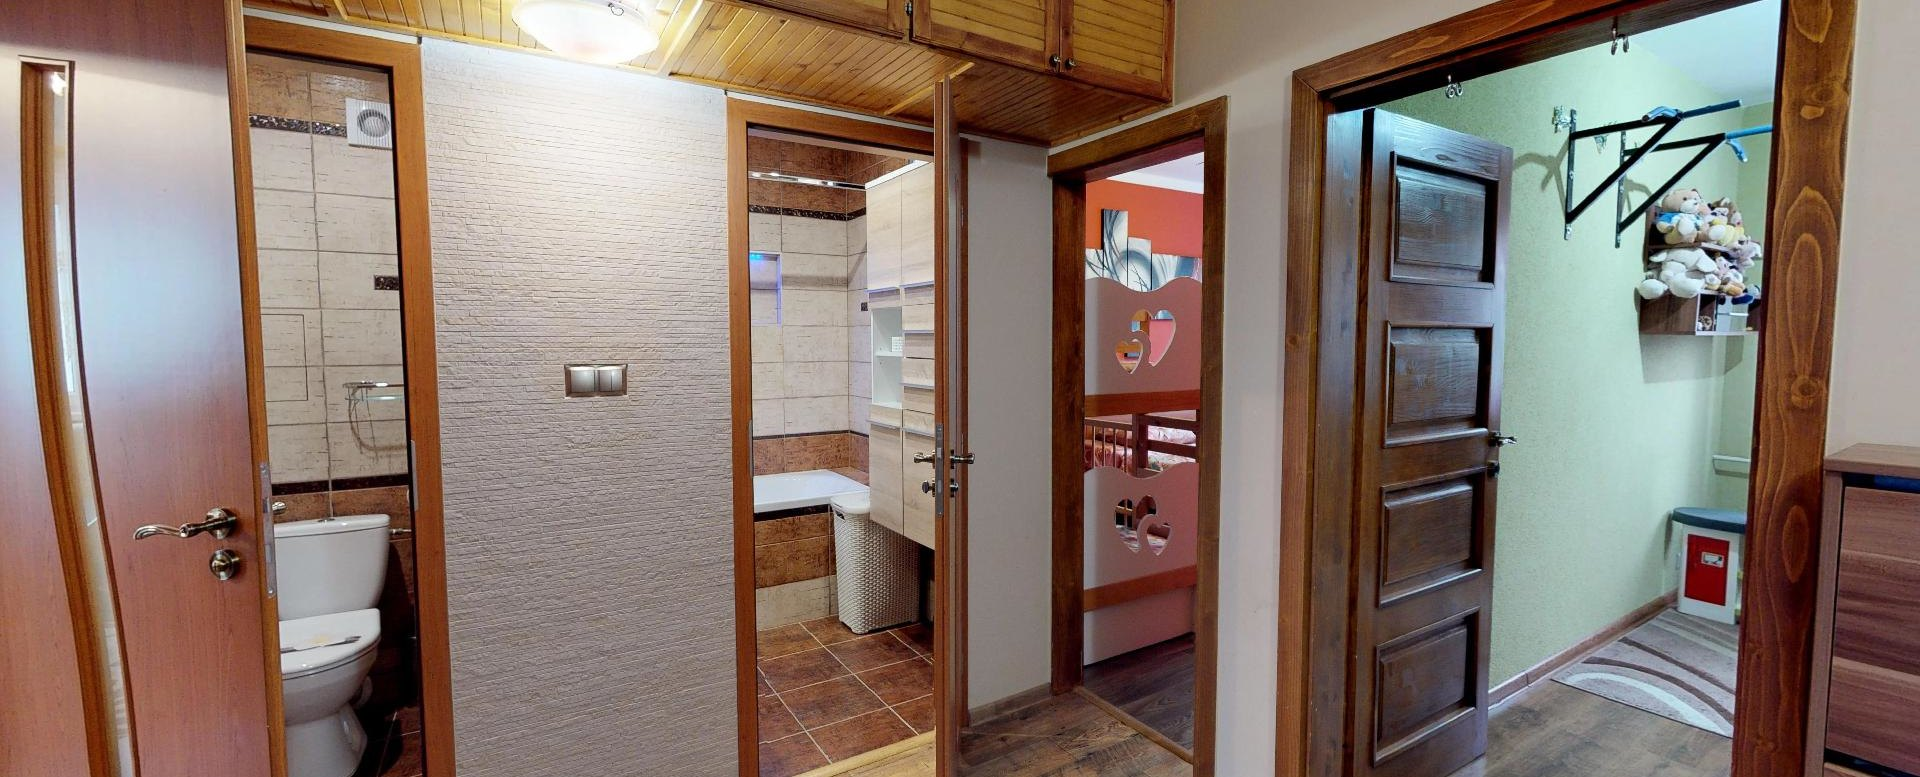 Pohľad na kúpeľňu a toaletu